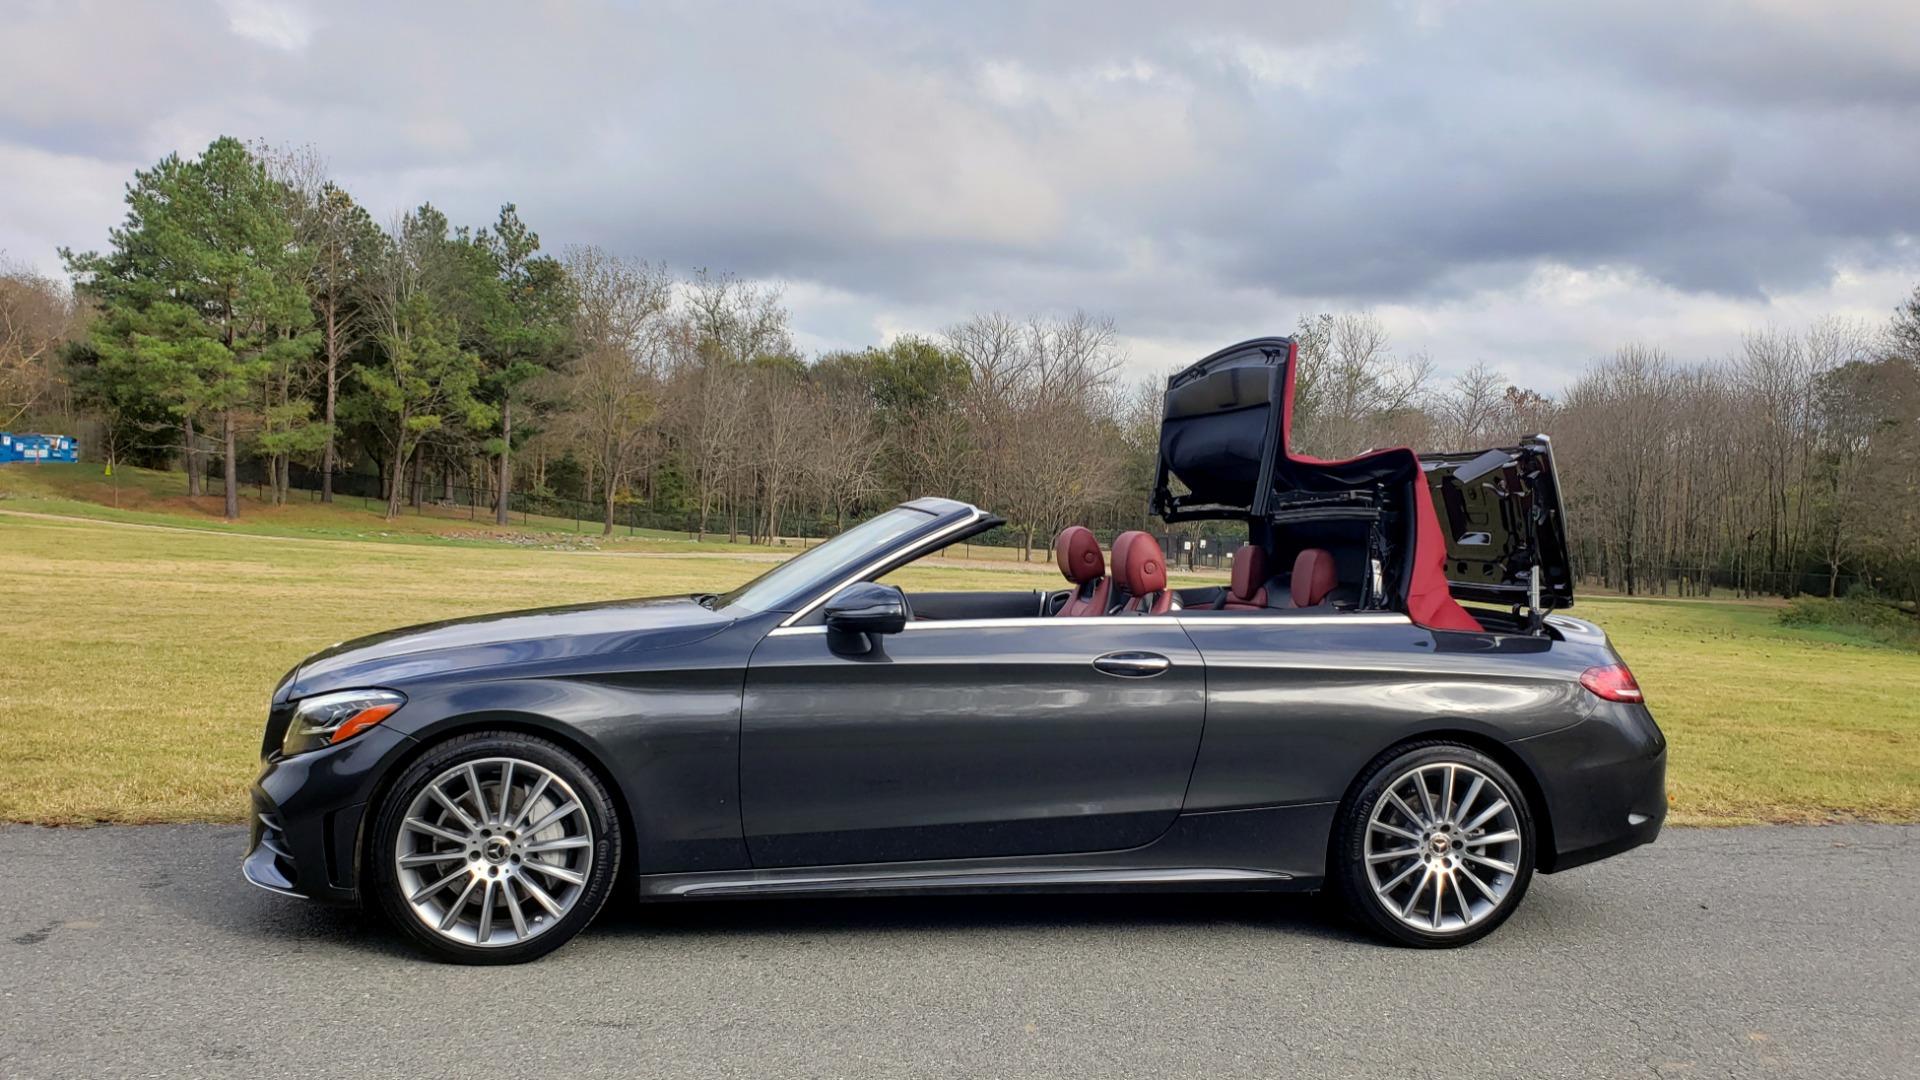 Used 2019 Mercedes-Benz C-CLASS C 300 CABRIOLET / PREM PKG / NAV / BURMESTER / MULTIMEDIA for sale Sold at Formula Imports in Charlotte NC 28227 7